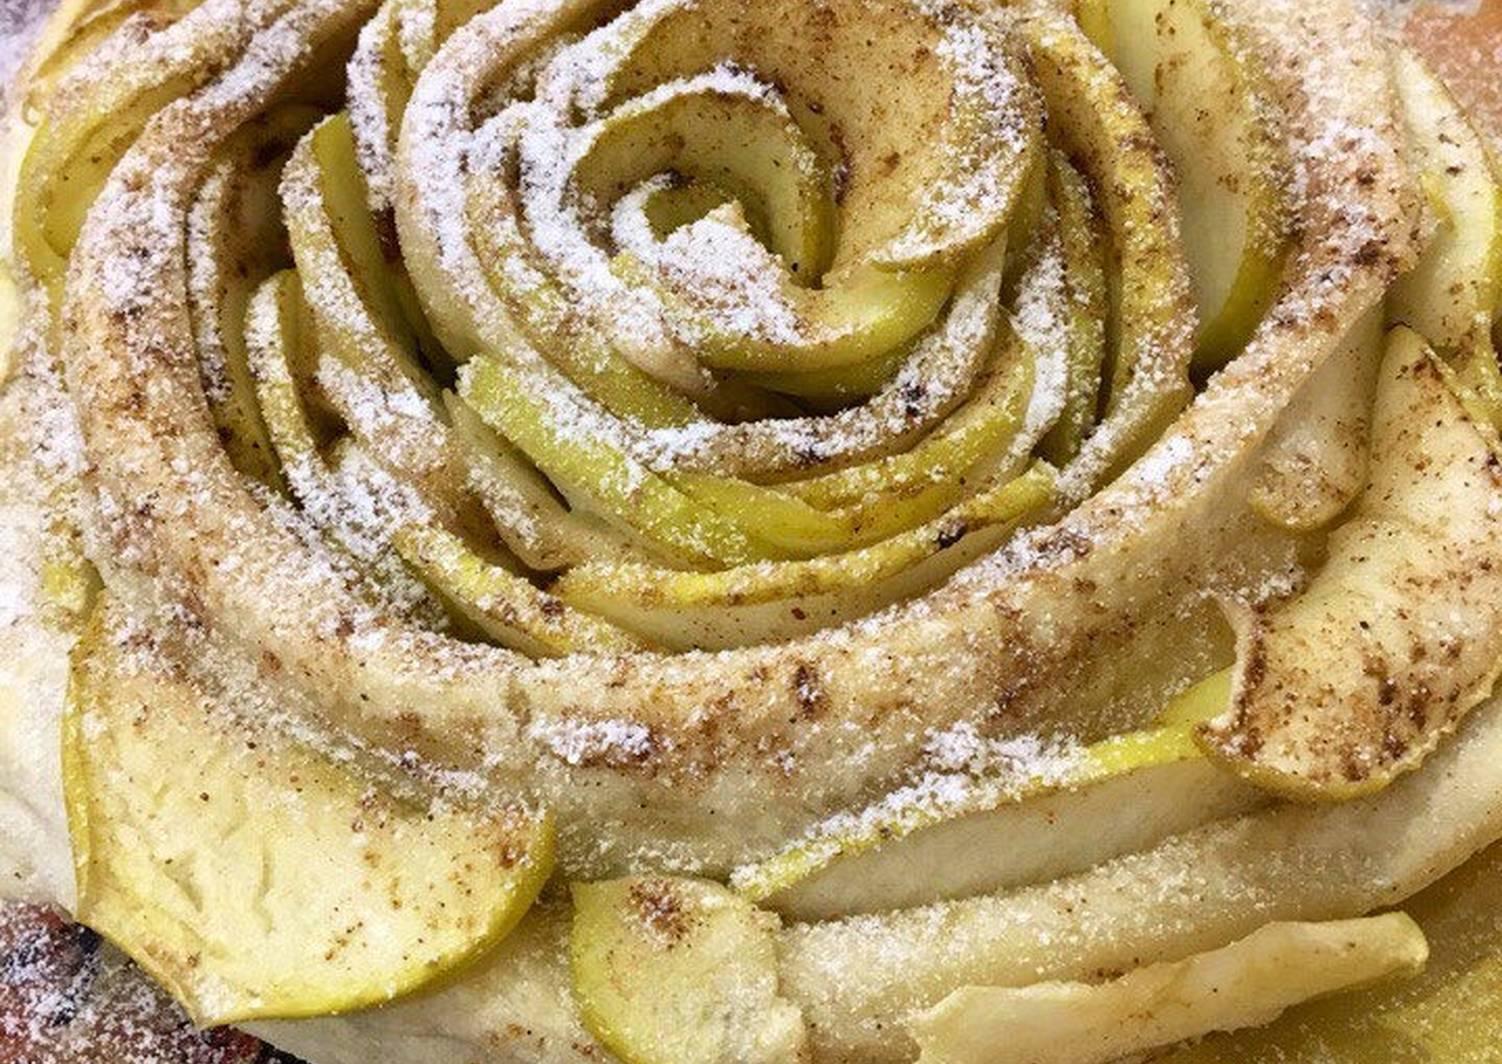 портфолио, яблочный пирог роза рецепт с фото семье цирковых артистов